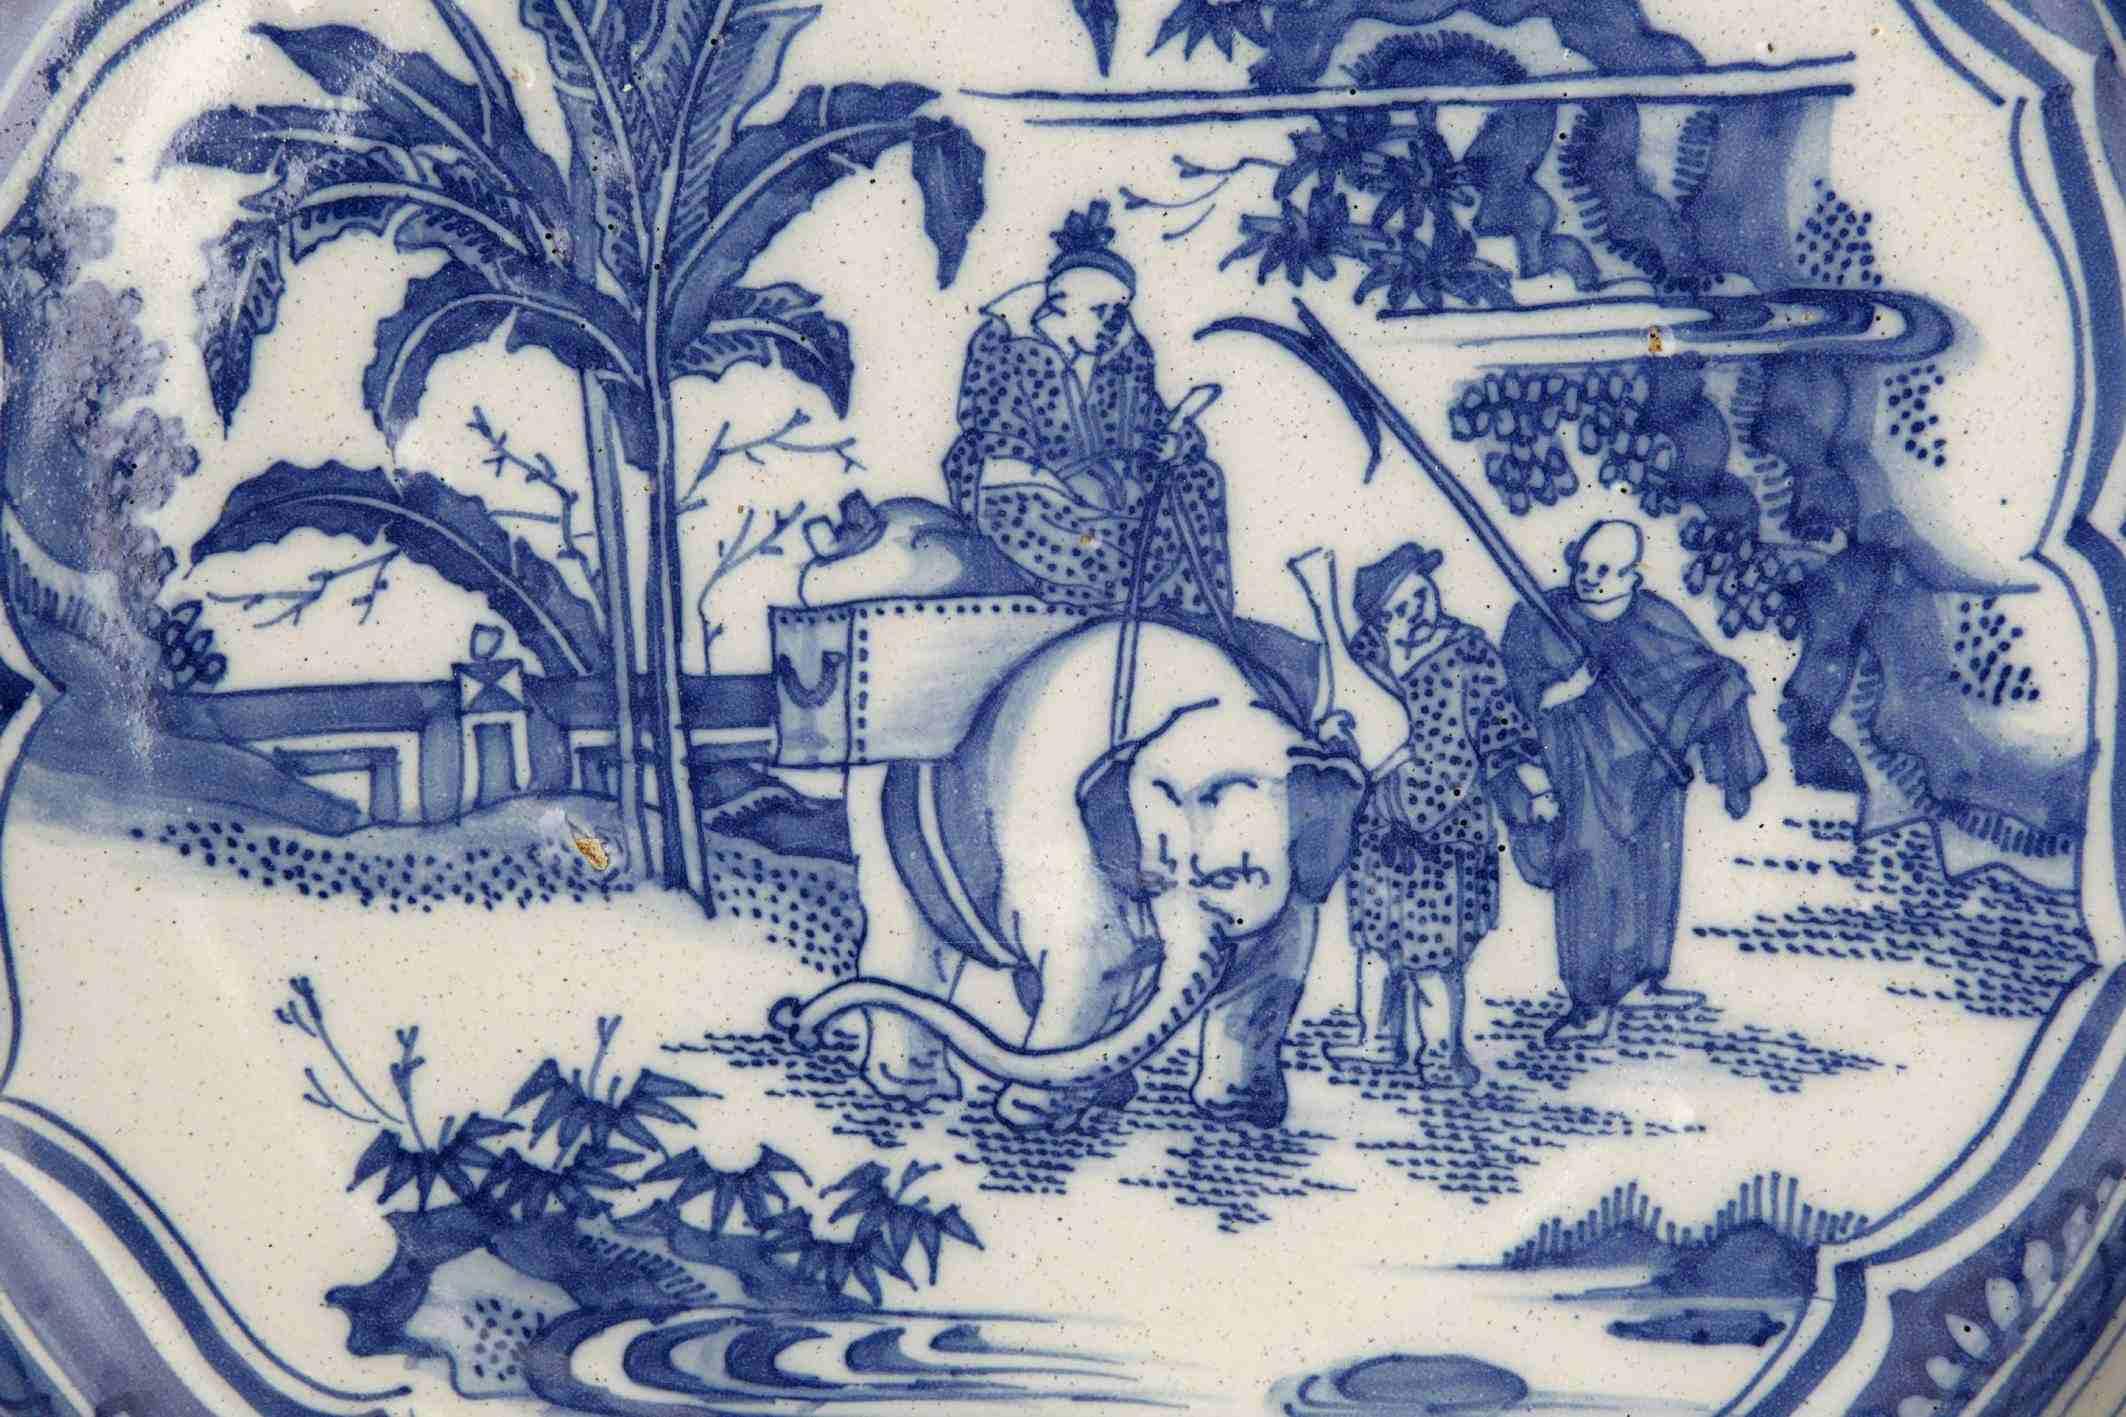 historisches museum franlfurt: Fayence mit Elefant